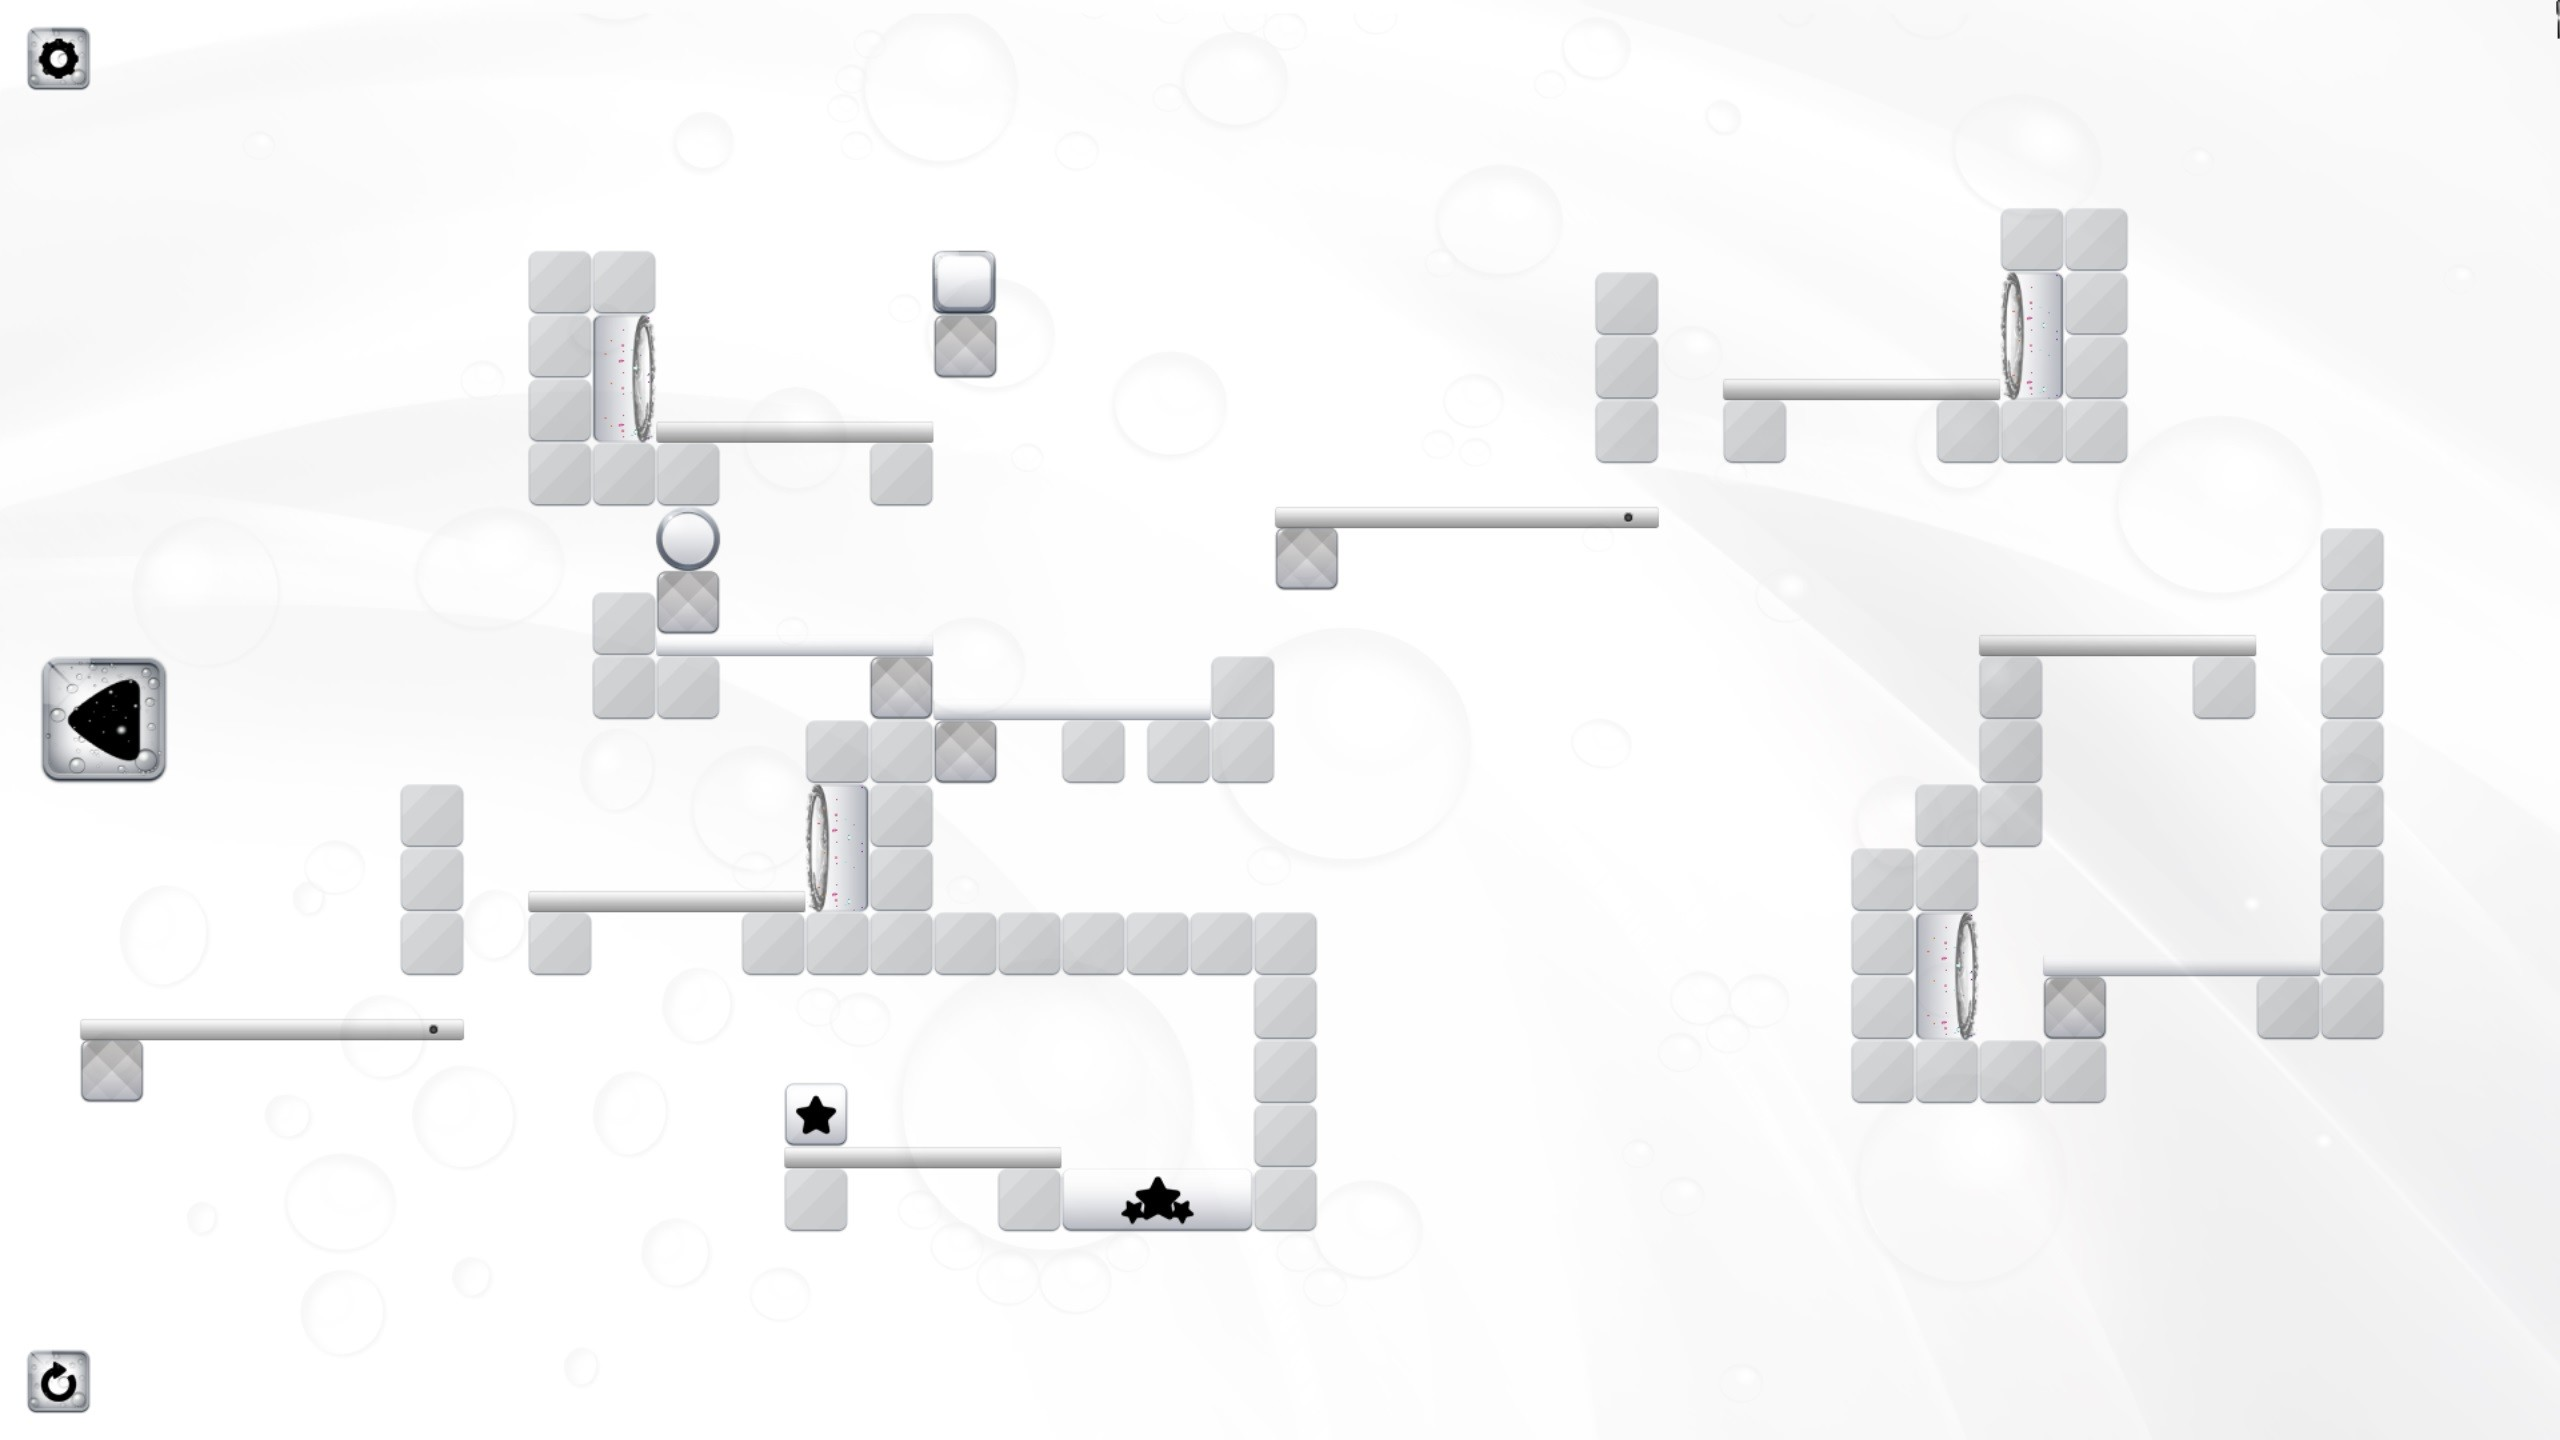 POG 3 screenshot